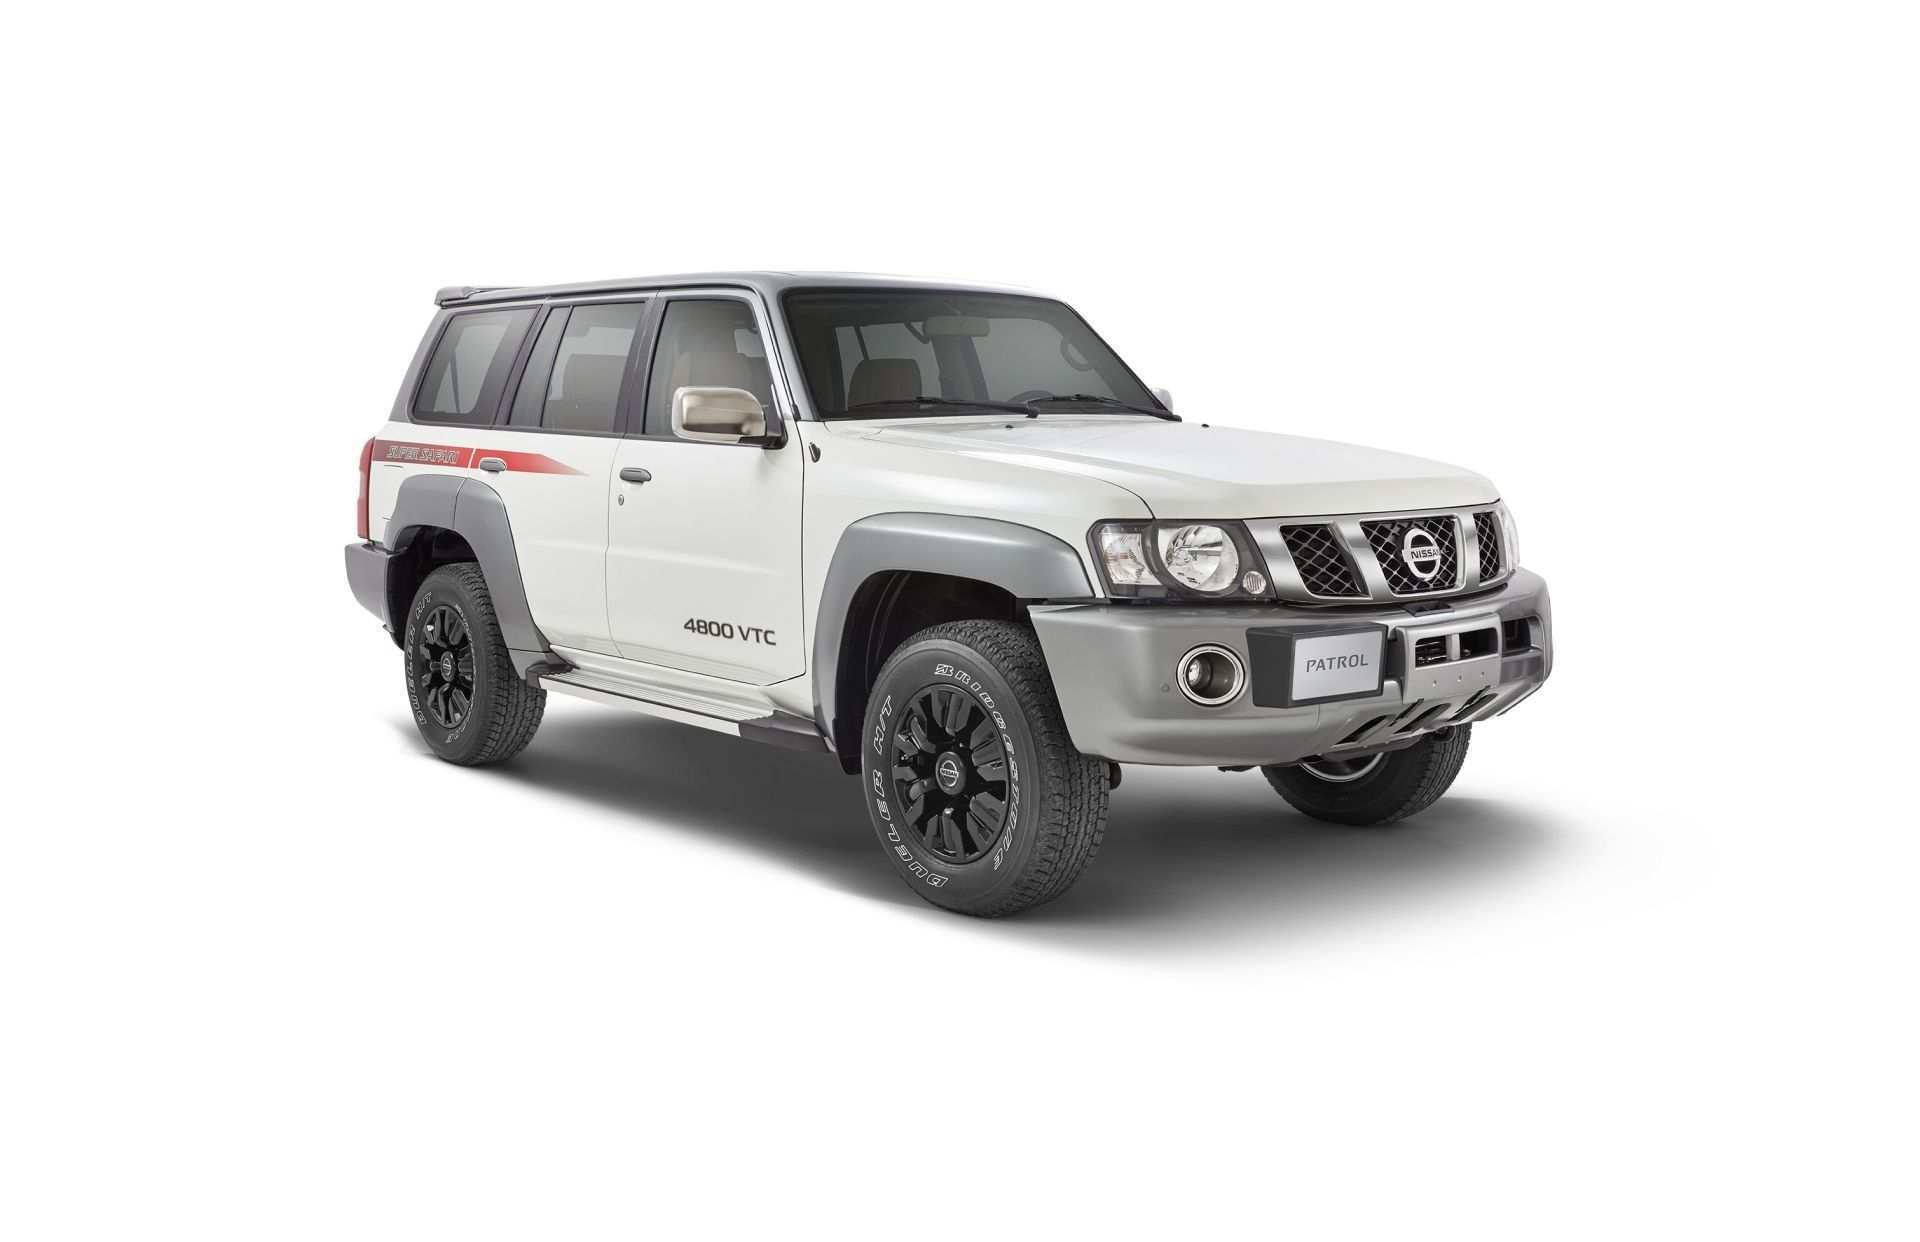 28 All New Nissan Super Safari 2020 Concept with Nissan Super Safari 2020